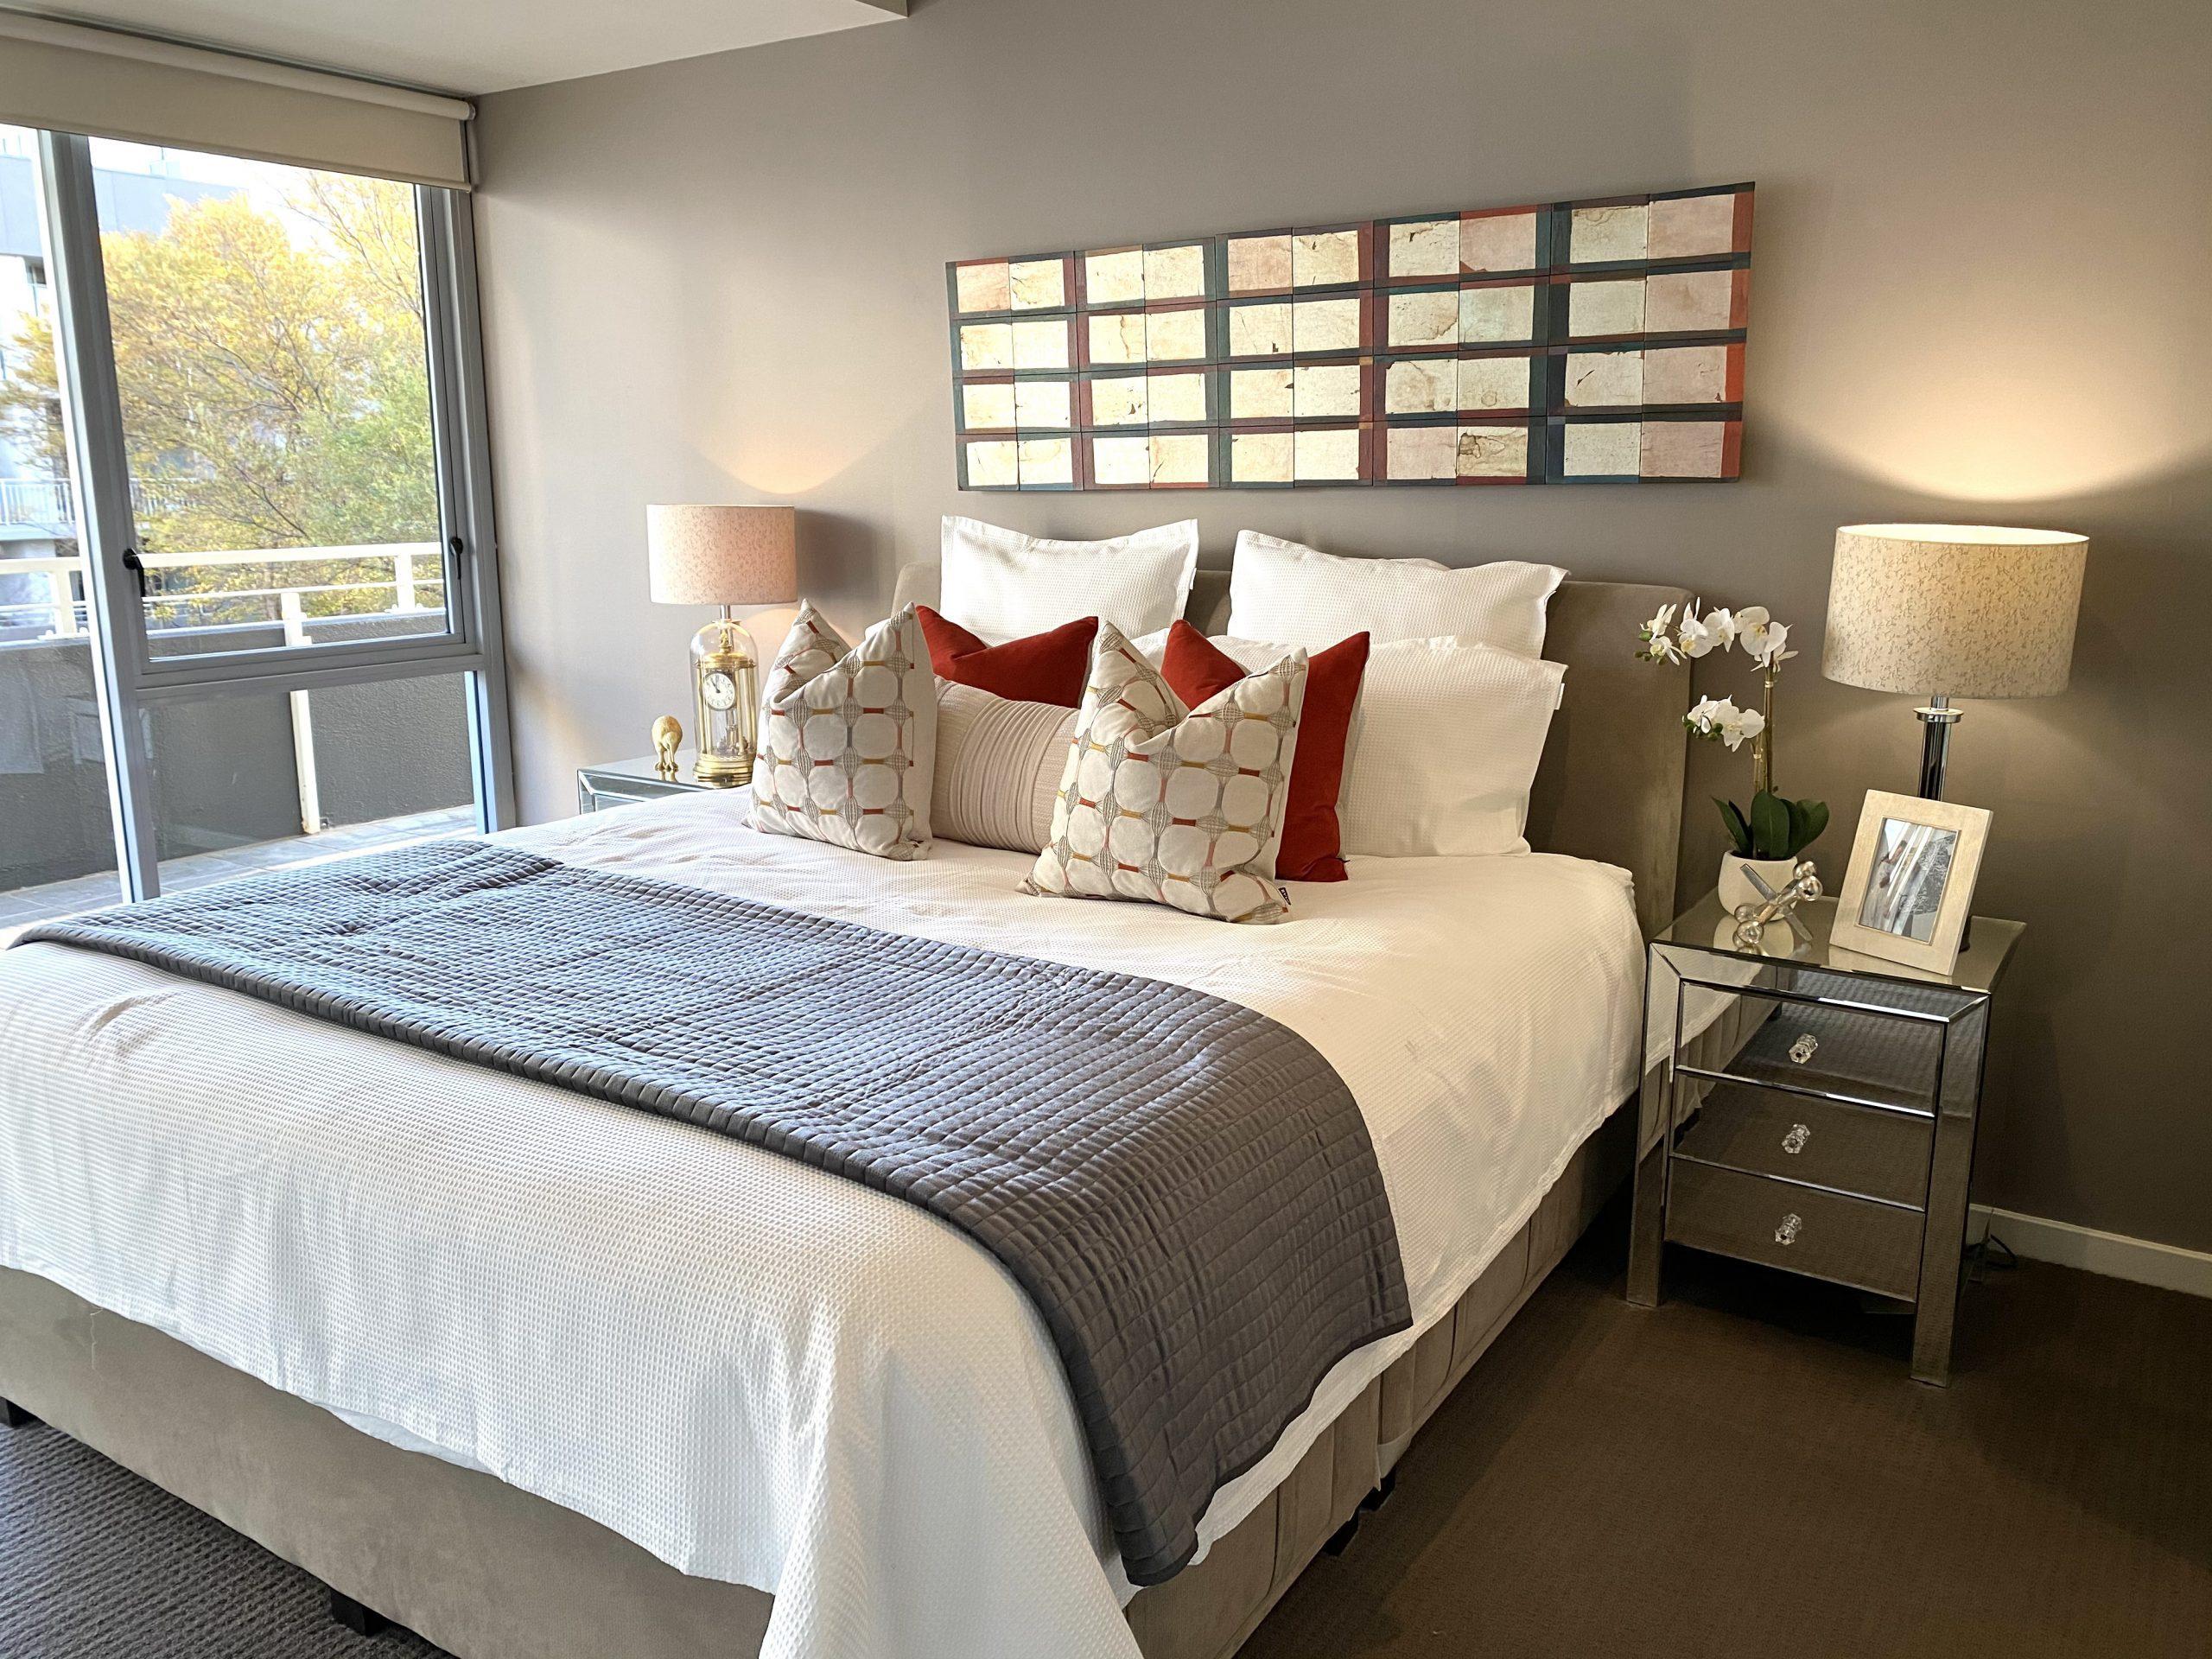 master bedroom design with burnt orange and mirror bedsides